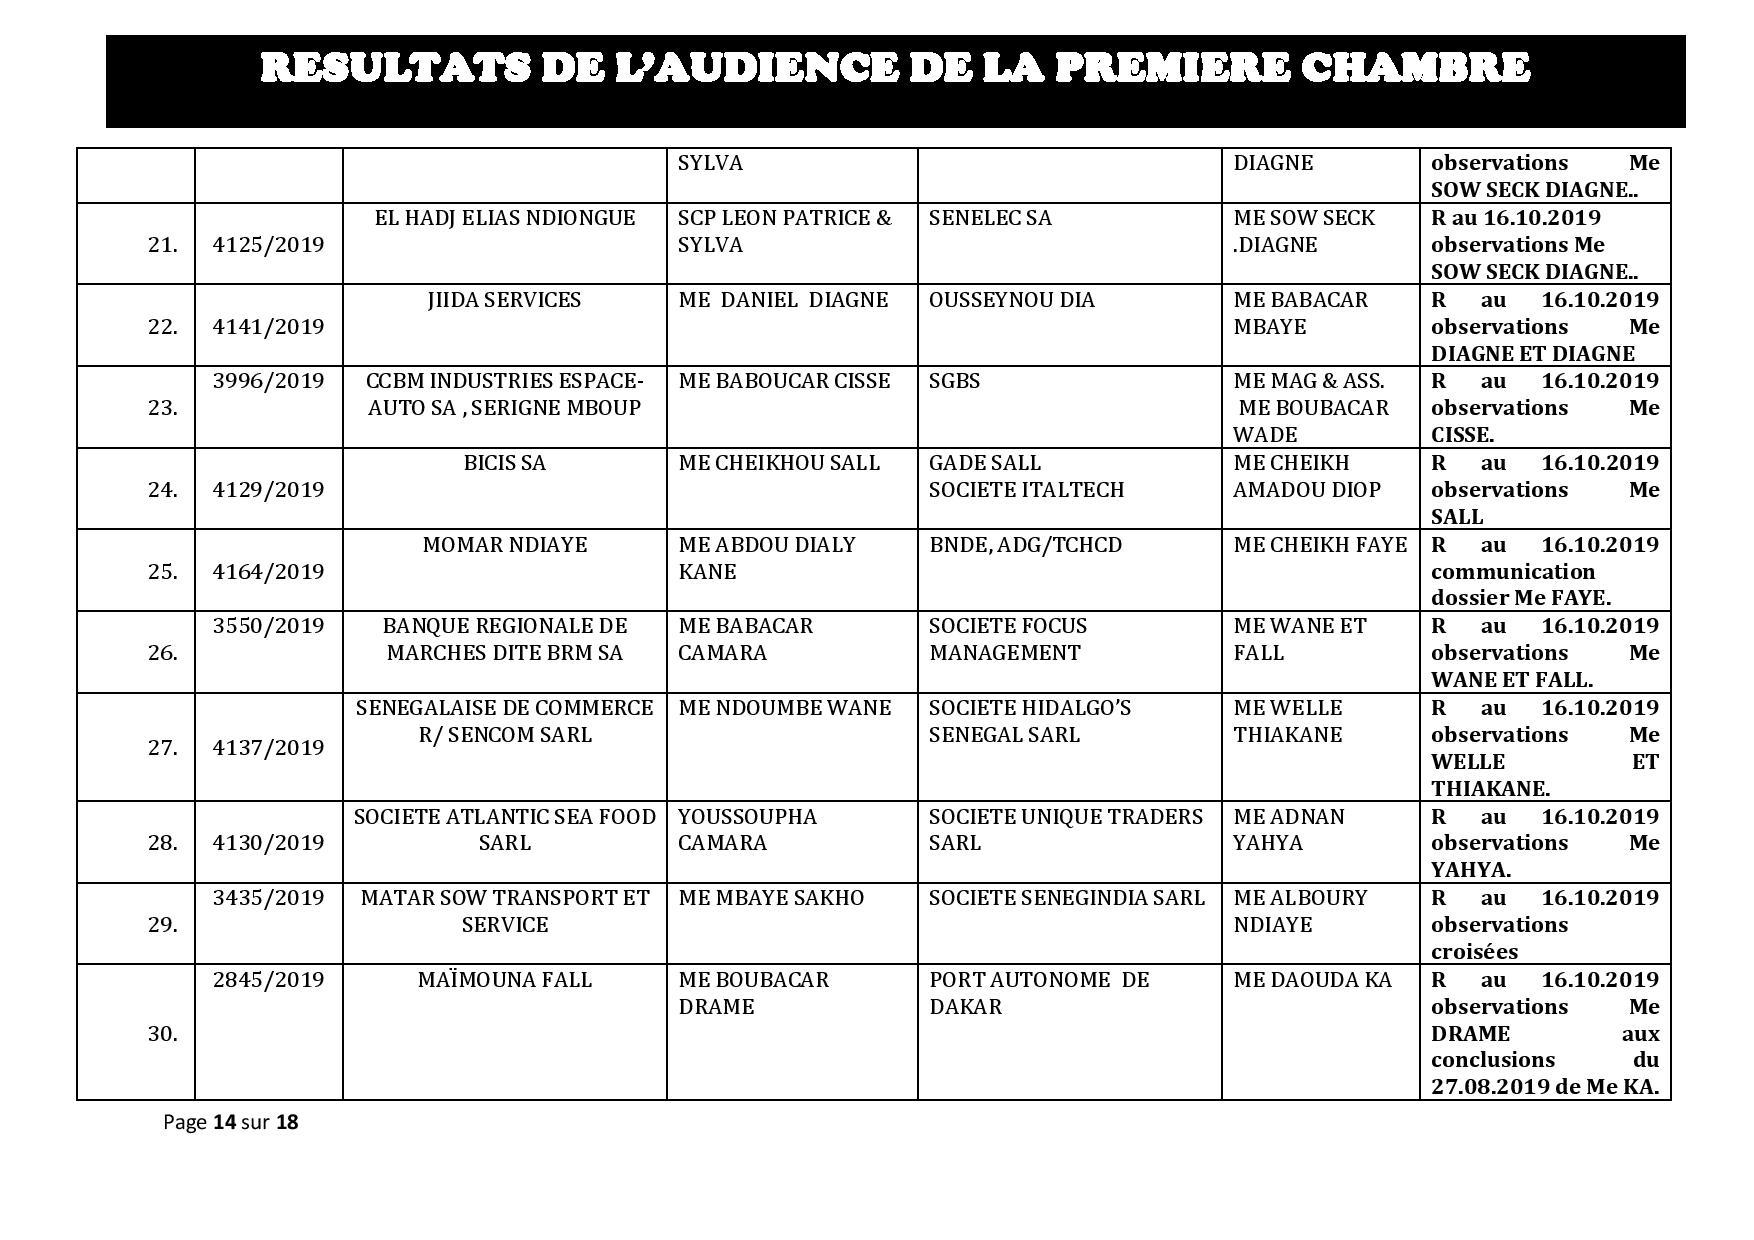 Tribunal de Commerce de Dakar/Première Chambre  : Voici les résultats de l'audience du 09 octobre 2019